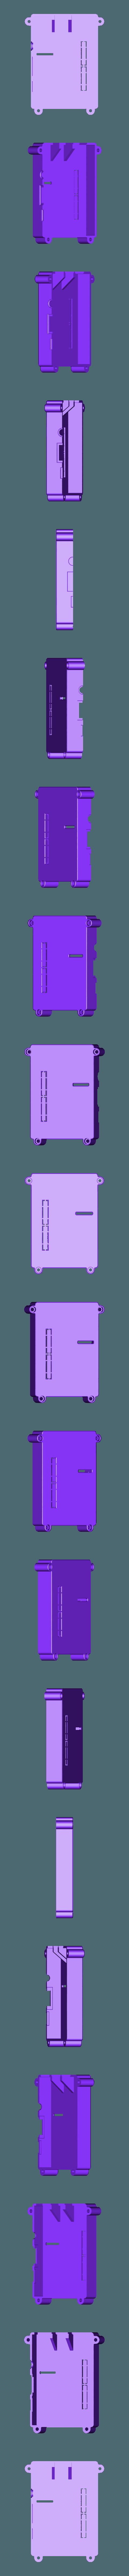 RTS-COVER-SLOTTED-BLANK.STL Télécharger fichier STL gratuit Raspberry Pi Étui officiel pour écran tactile Raspberry Pi • Modèle pour imprimante 3D, mkellsy